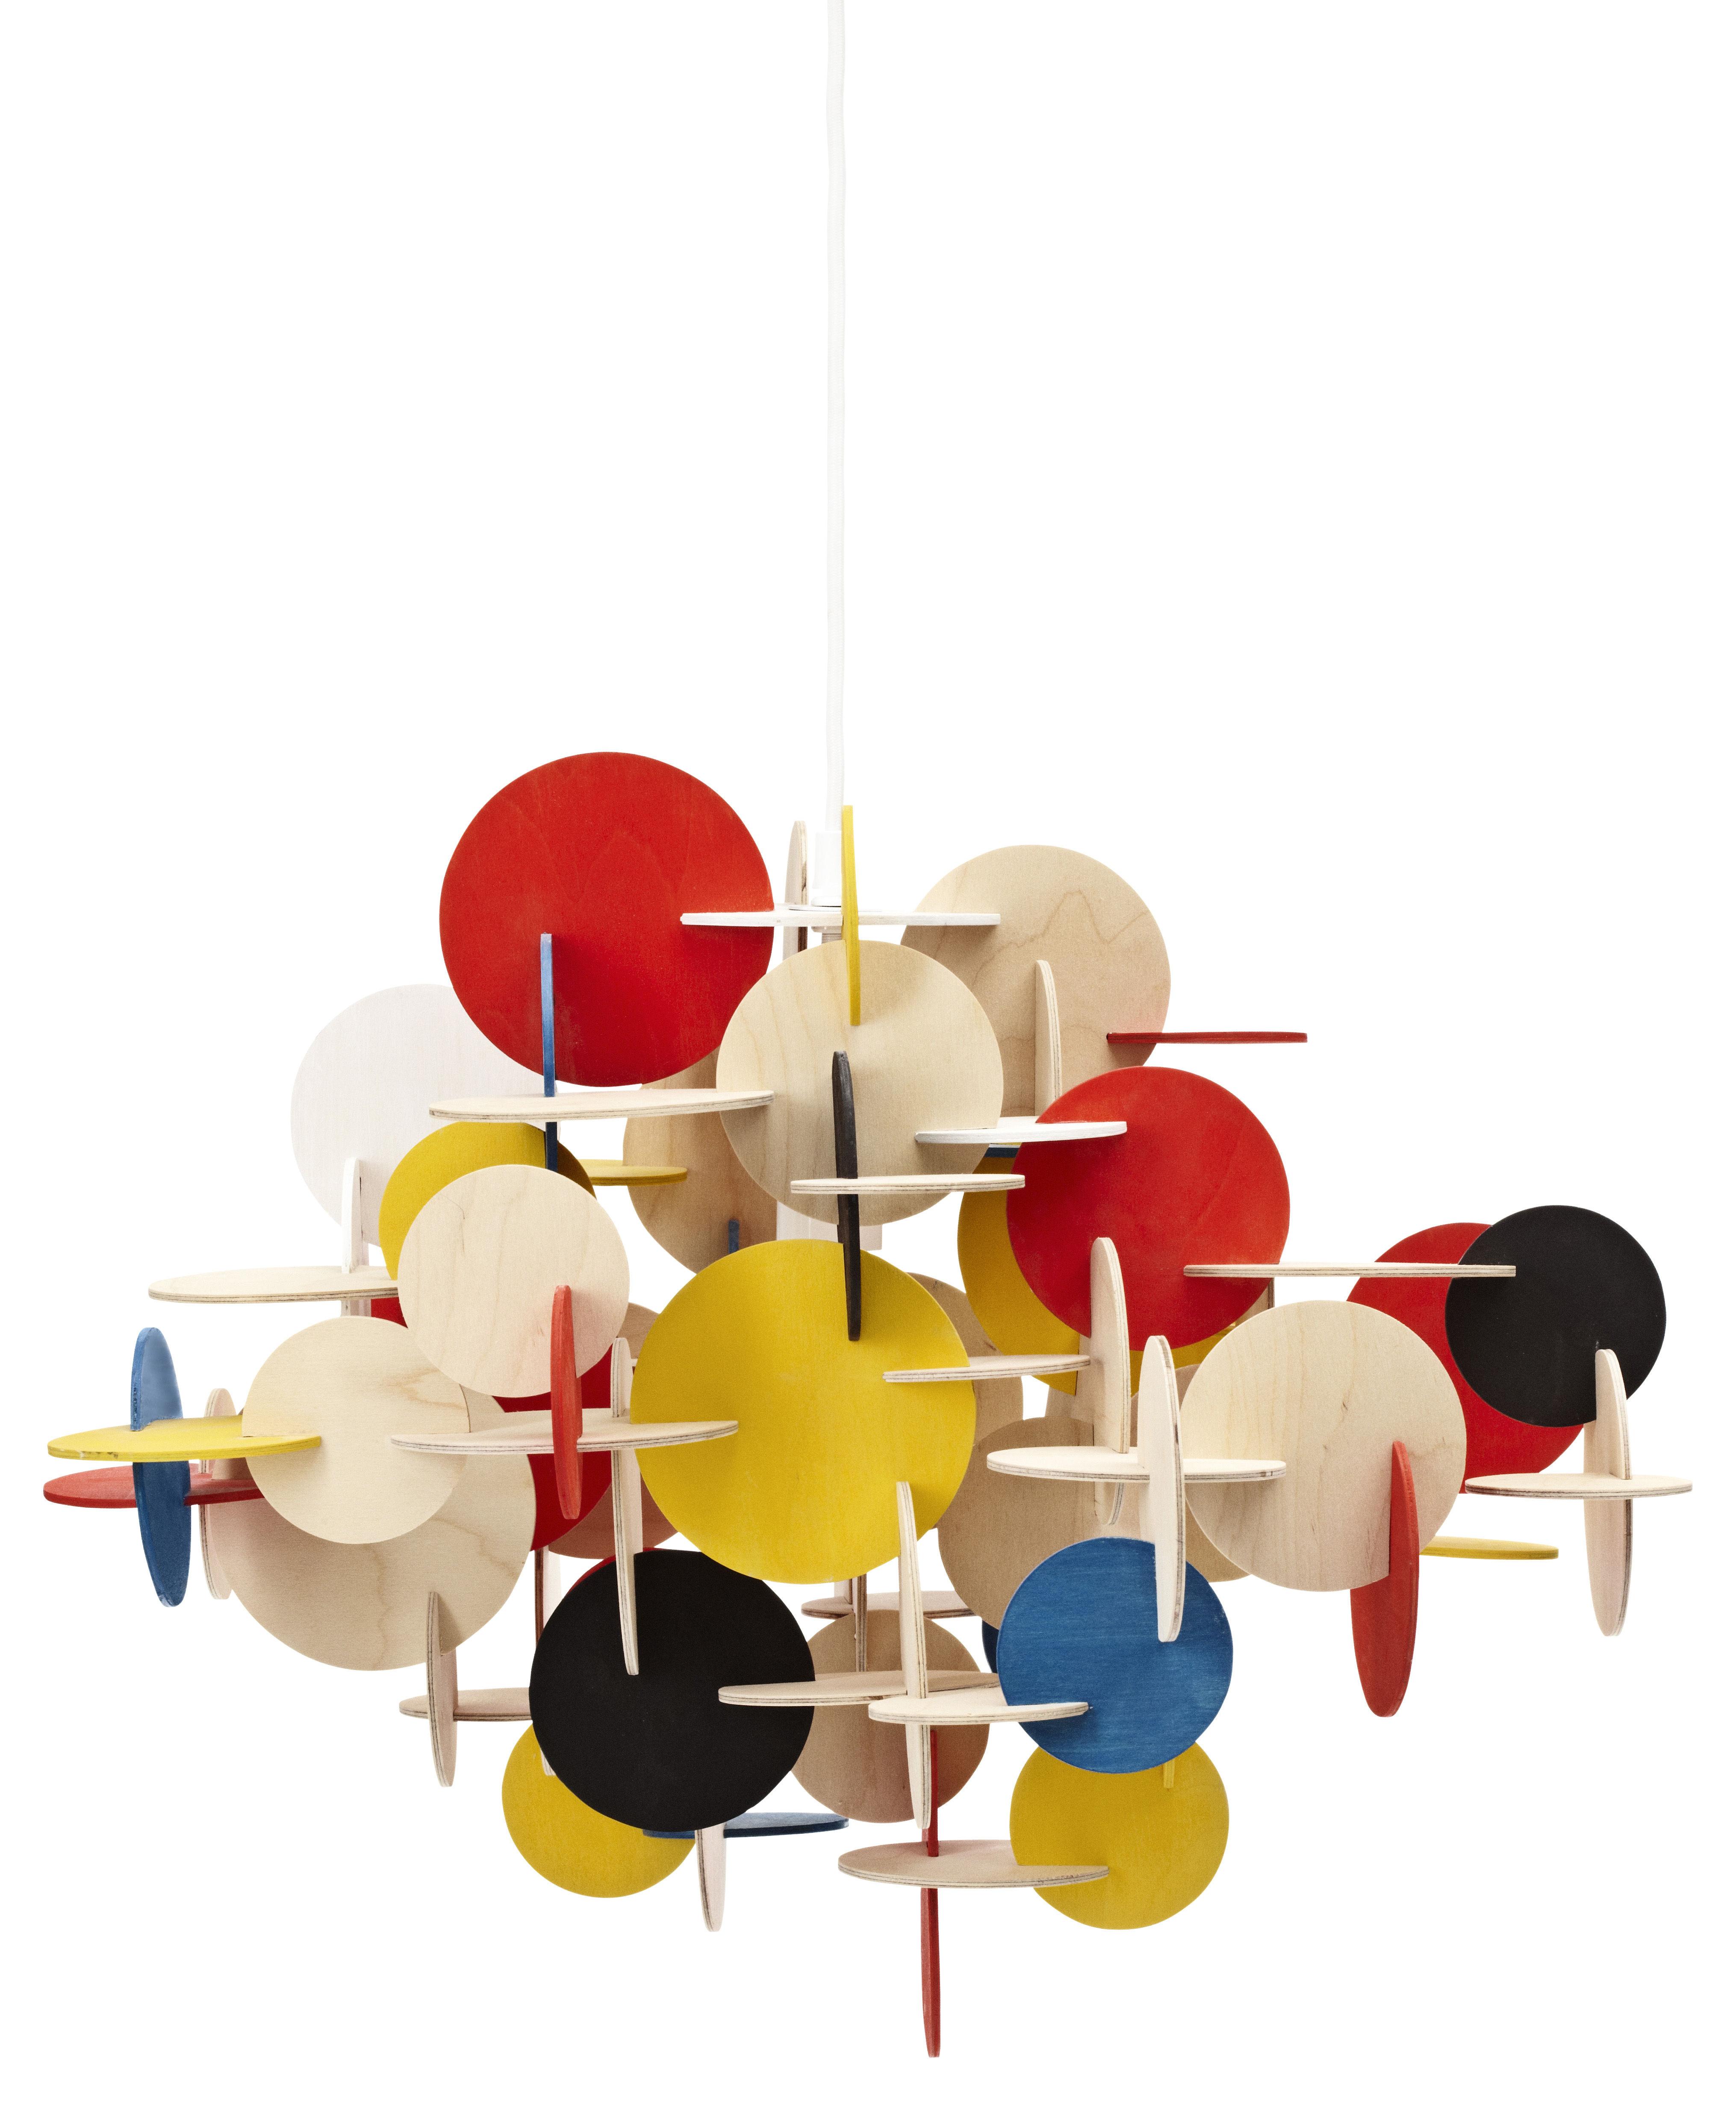 Leuchten - Pendelleuchten - Bau Small Pendelleuchte Hängelampe - Normann Copenhagen - H 44 cm - gelb, rot, schwarz, blau & Kiefer natur - Kiefer